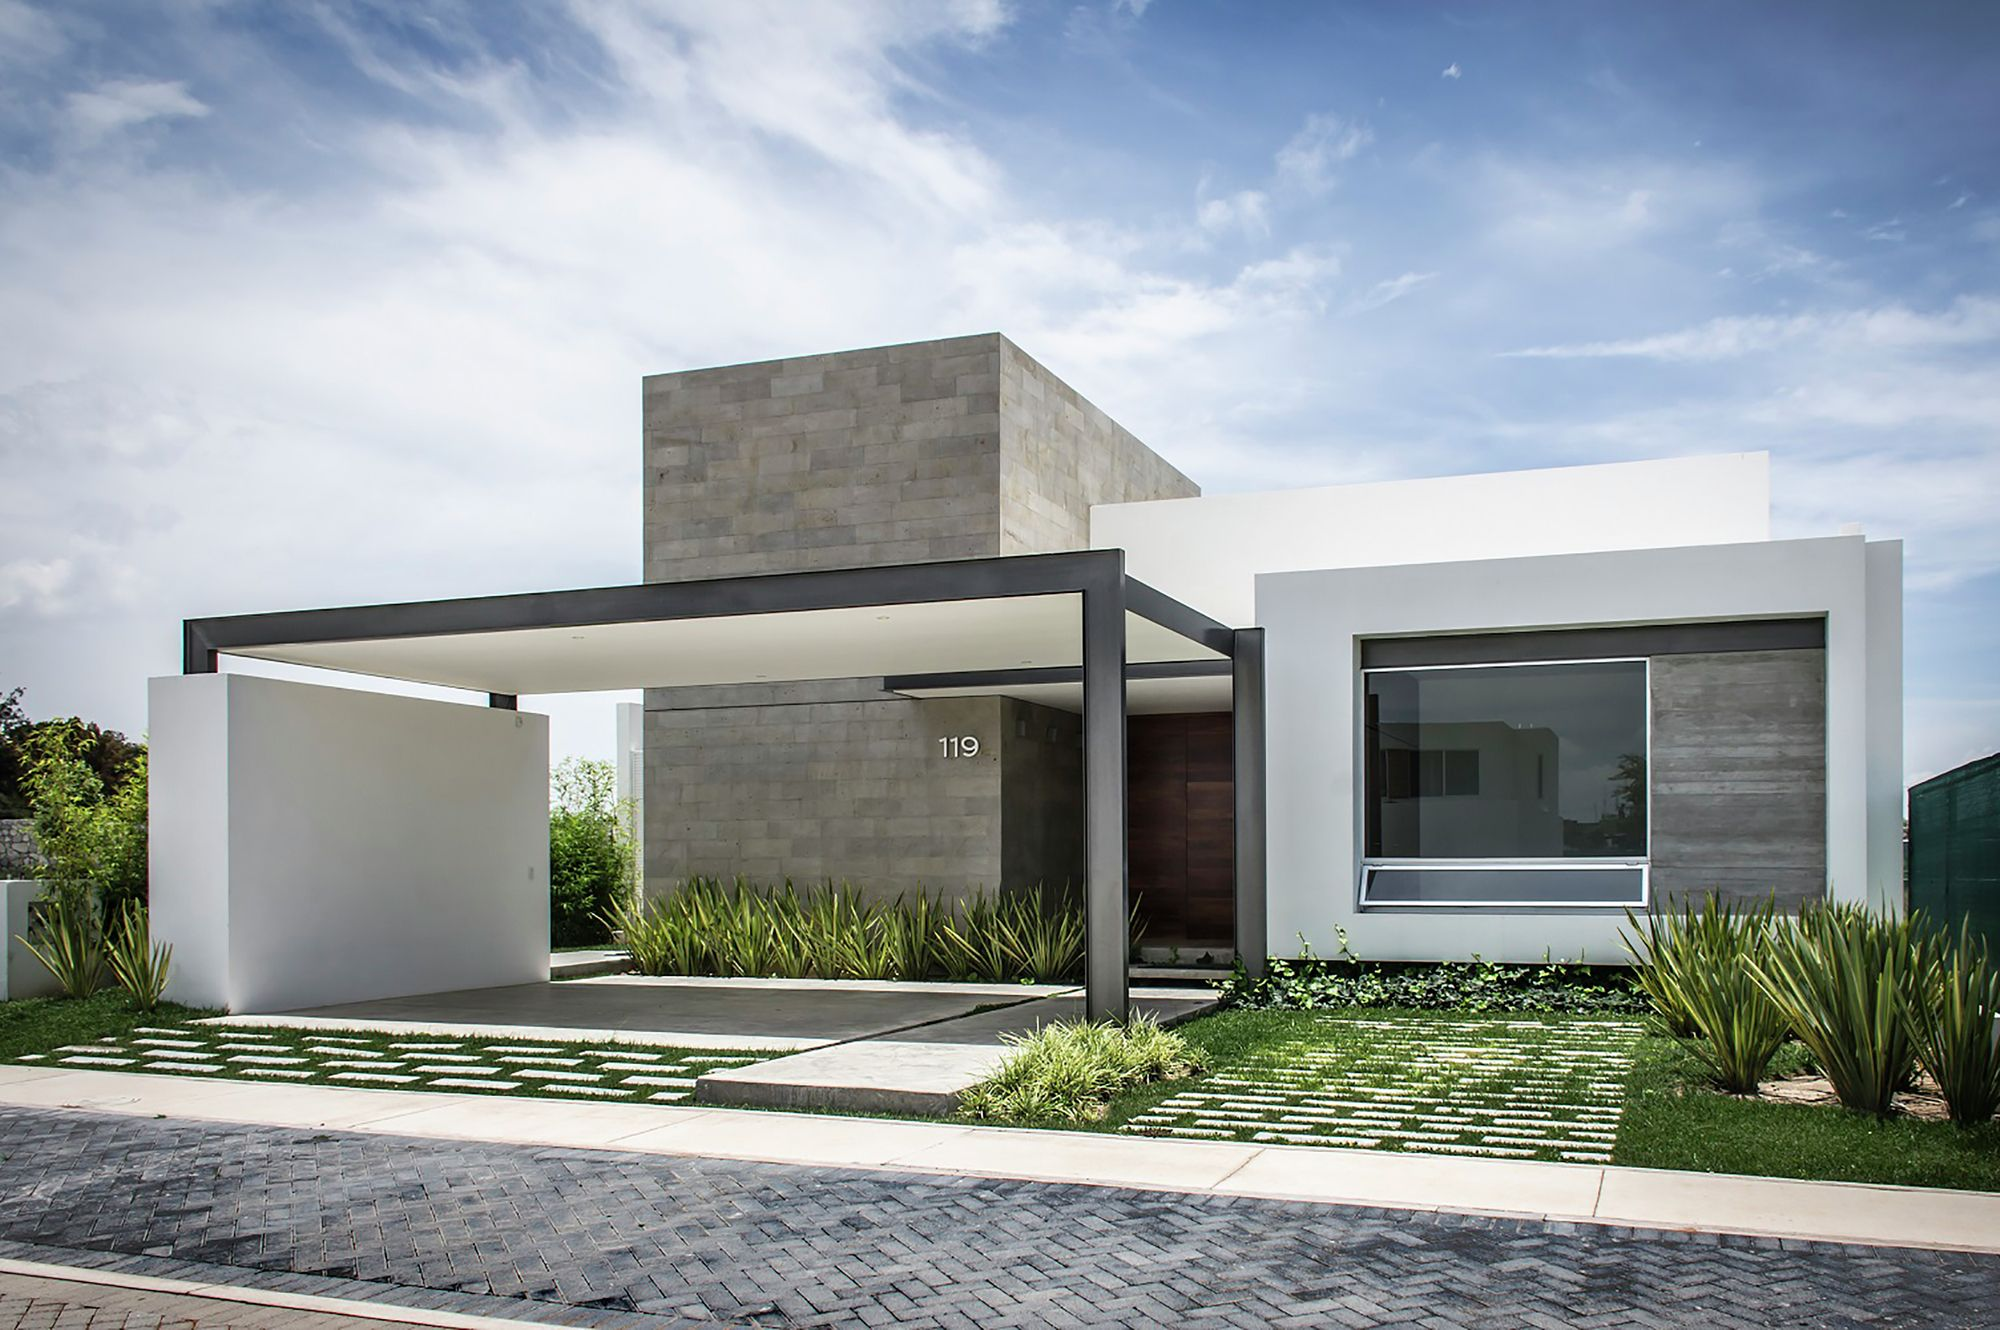 t02 adi arquitectura y dise o interior architecture pinterest architektur haus design. Black Bedroom Furniture Sets. Home Design Ideas